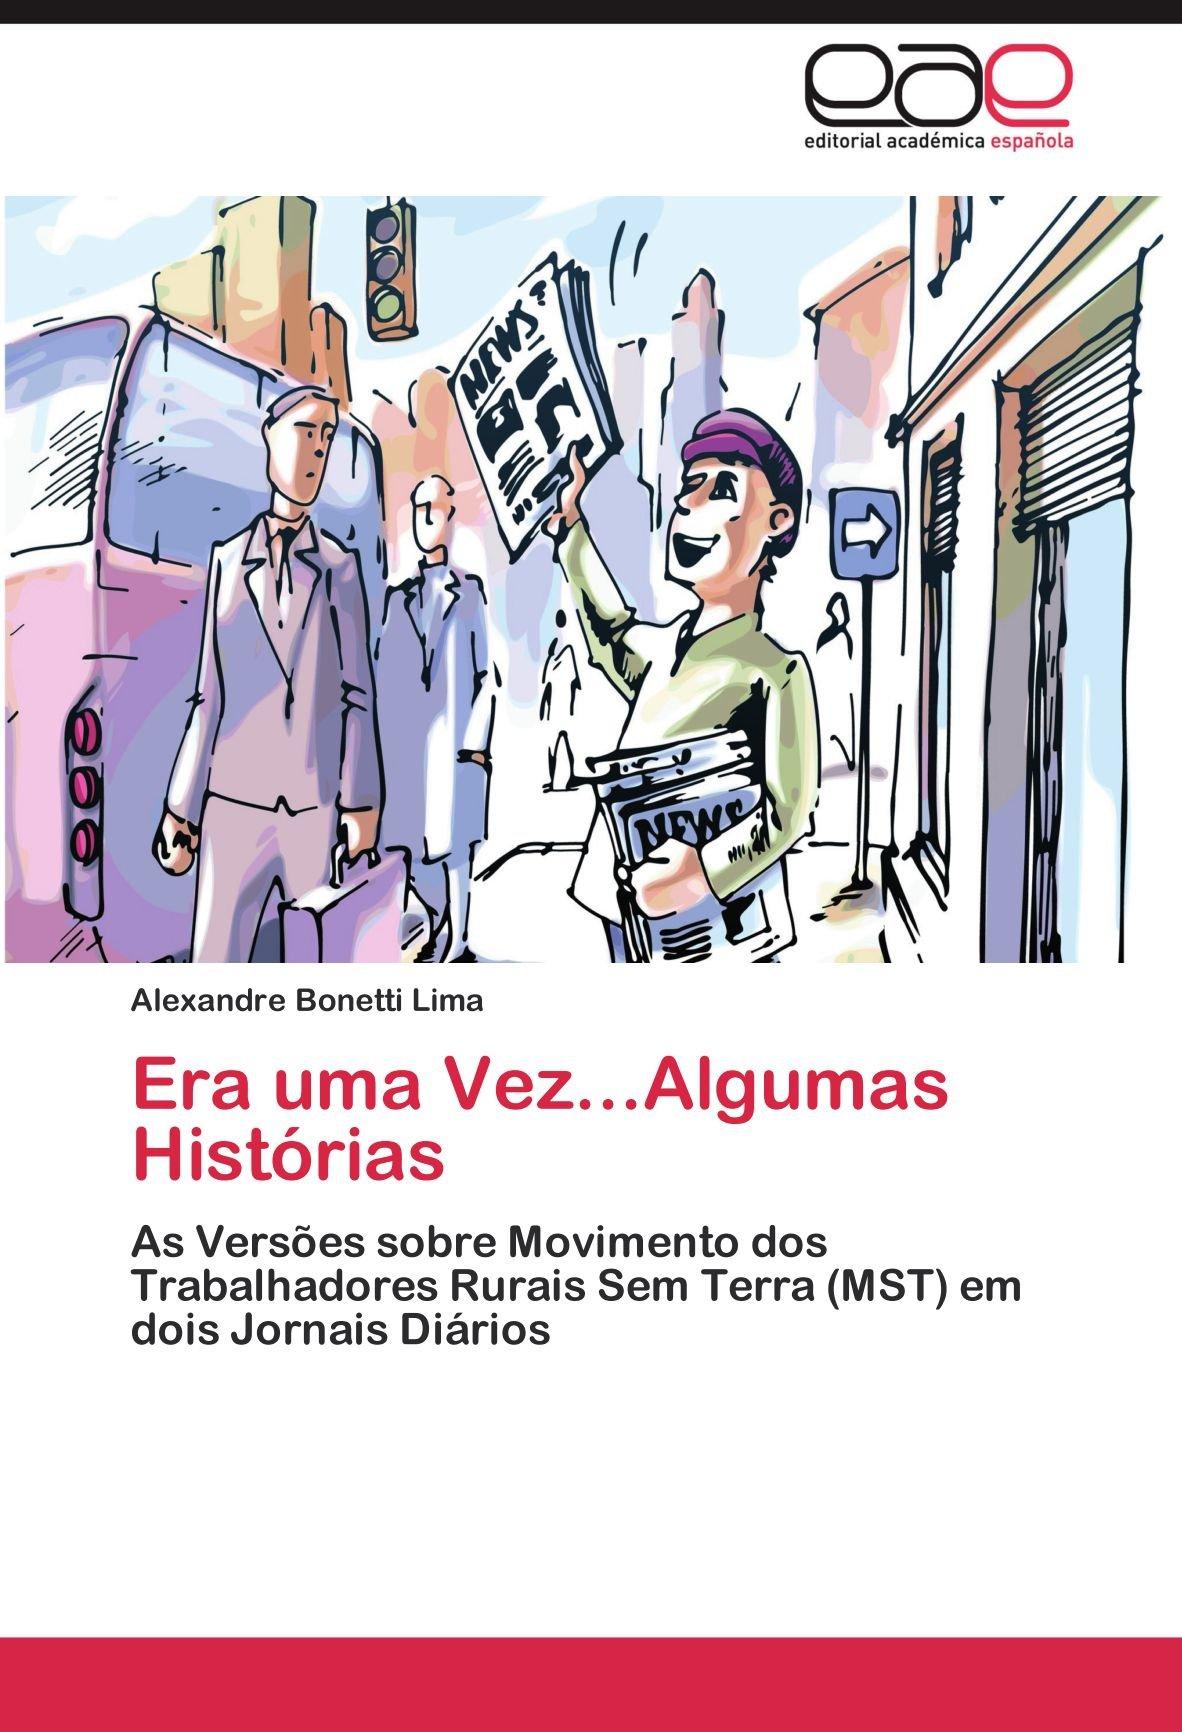 Era uma Vez...Algumas Histórias: As Versões sobre Movimento dos Trabalhadores Rurais Sem Terra (MST) em dois Jornais Diários (Portuguese Edition) PDF